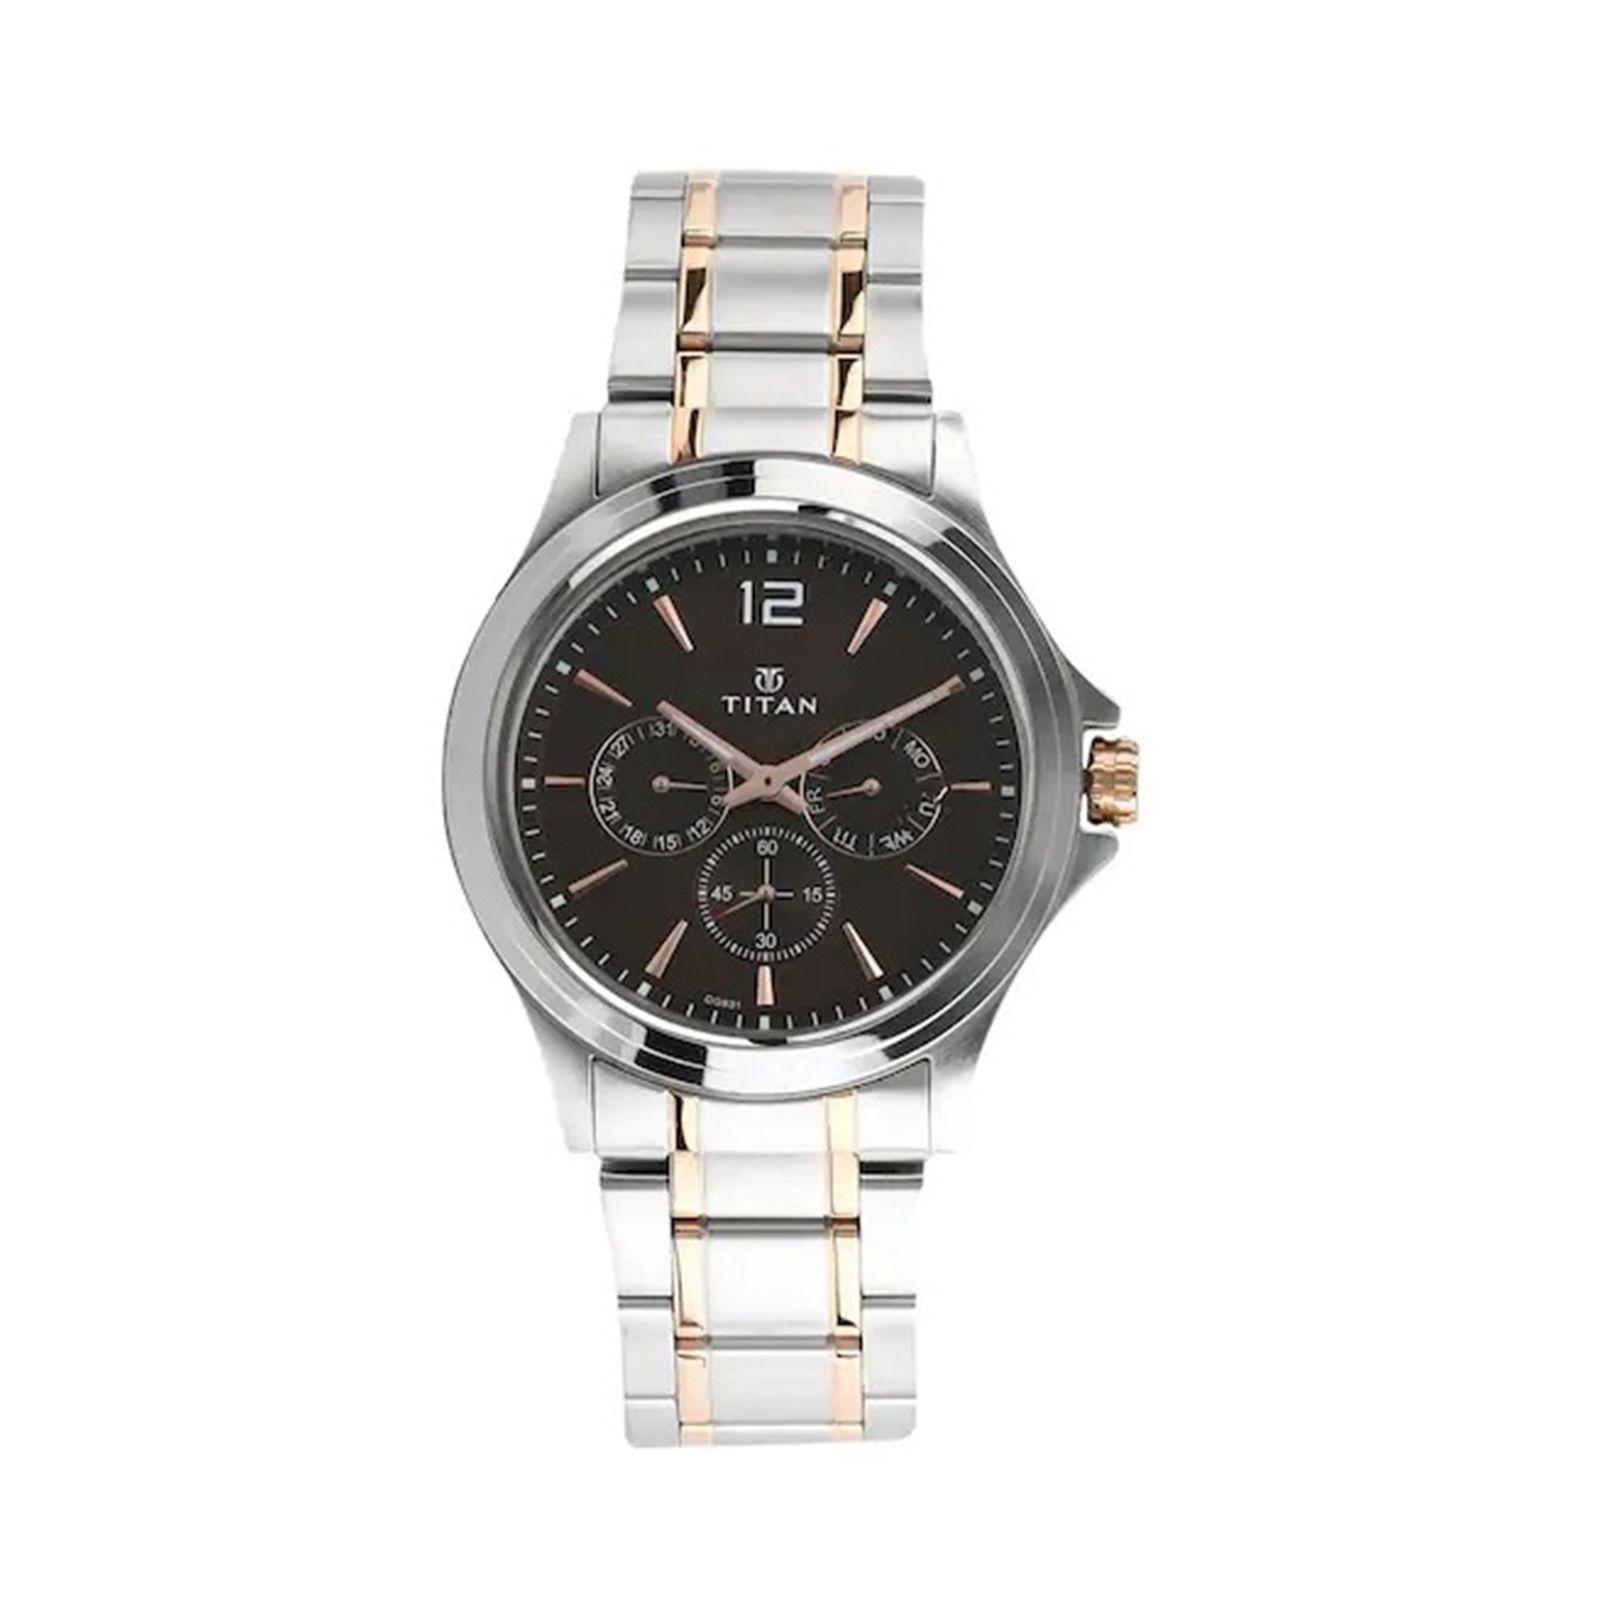 ساعت مچی عقربه ای مردانه تیتان مدل T1698KM01 -  - 2